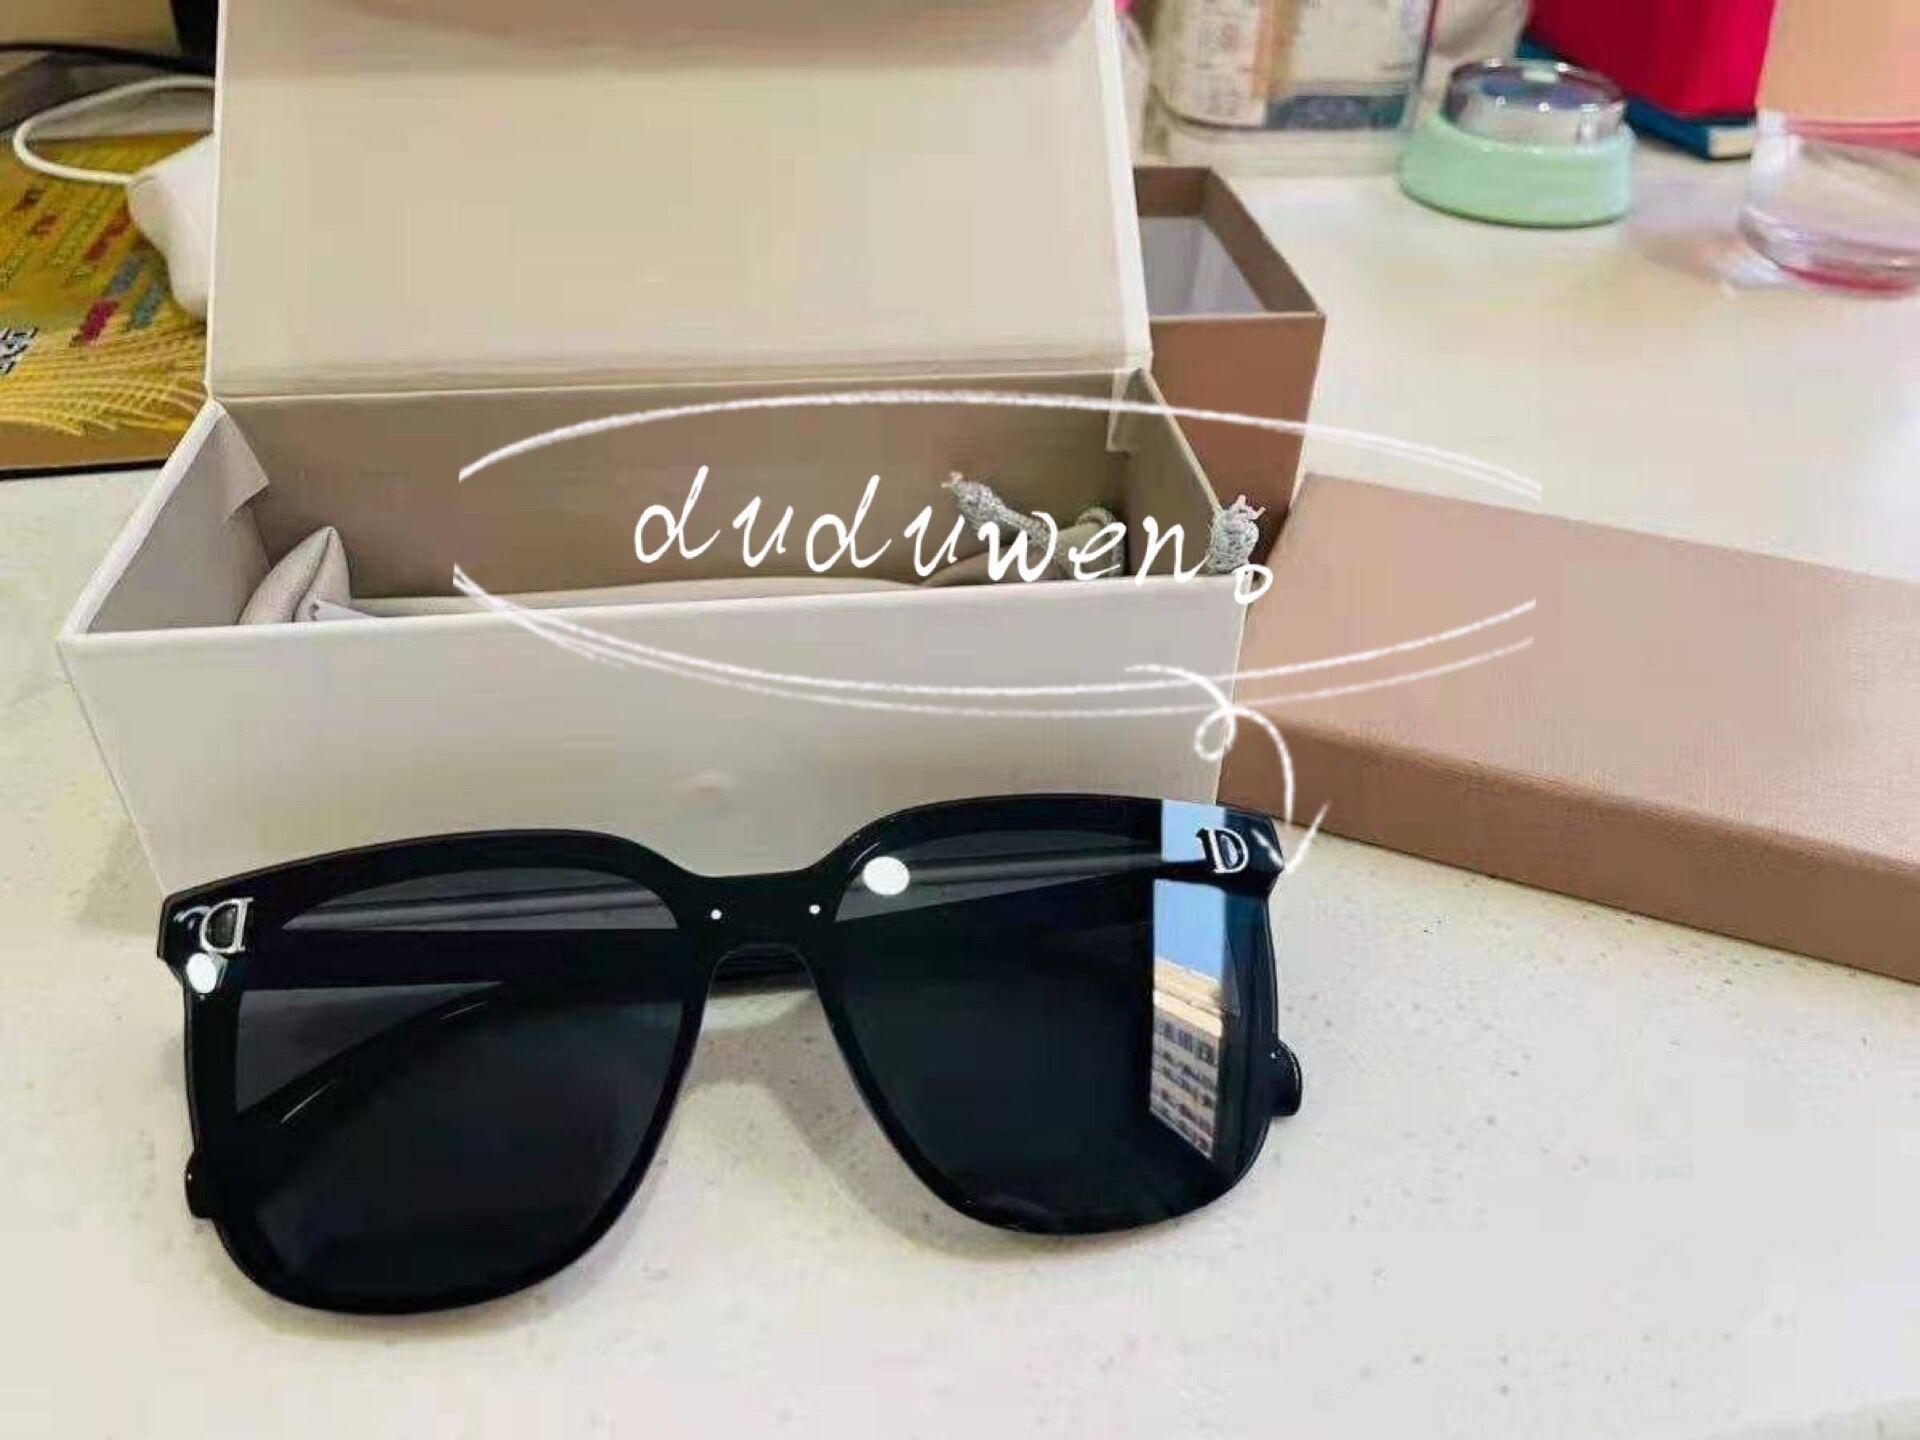 مخصص أزياء المرأة نصف دائري عدسة أسود نظارات حماية خمر نظارات نظارات الكلاسيكية الفتيات هدية مربع